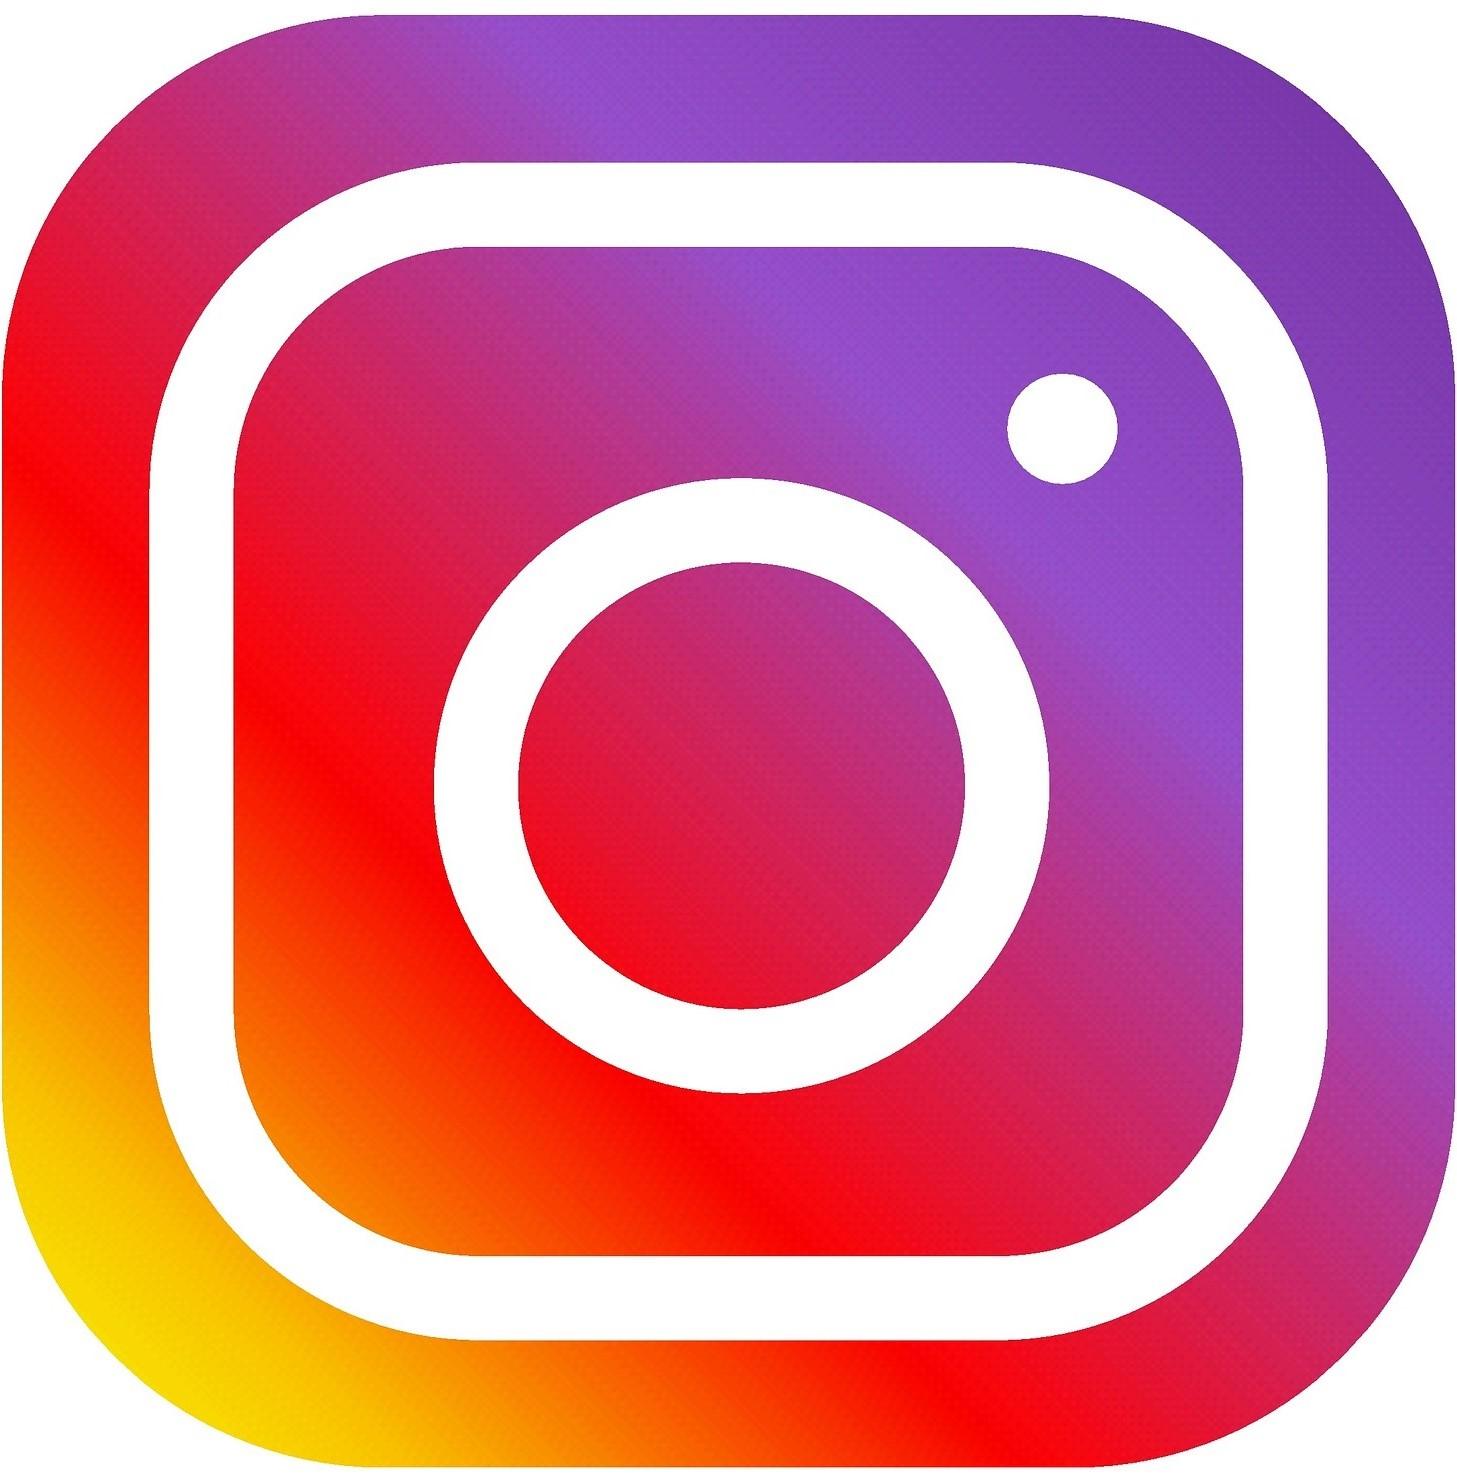 Instagram Icon transparent